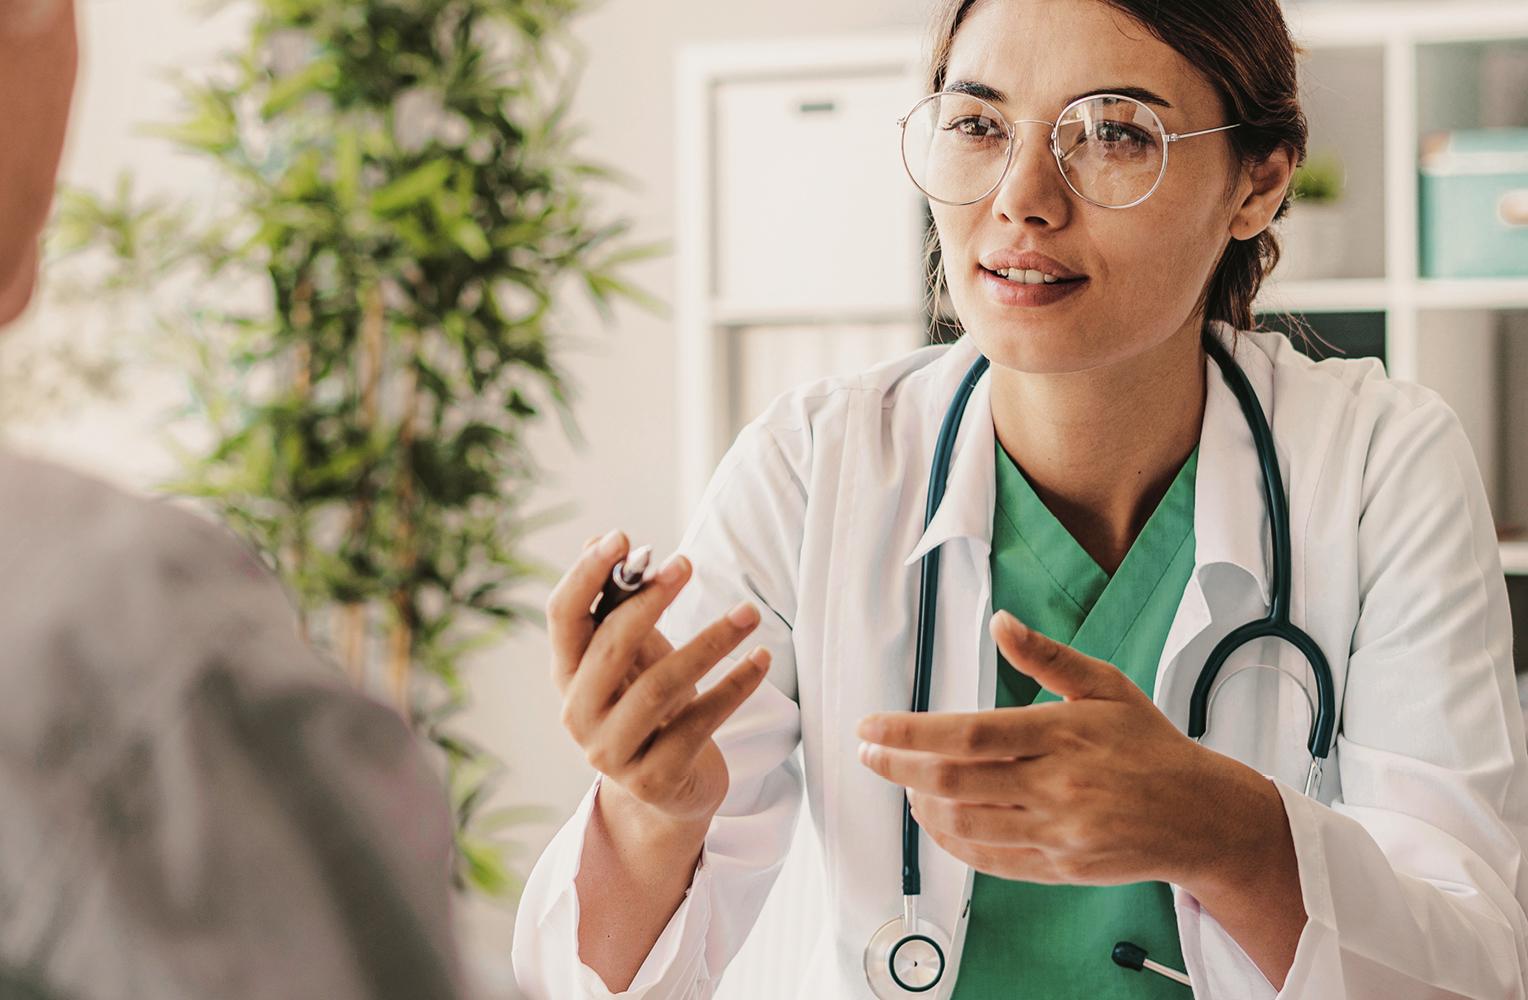 Ärztin mit Stethoskop um den Hals